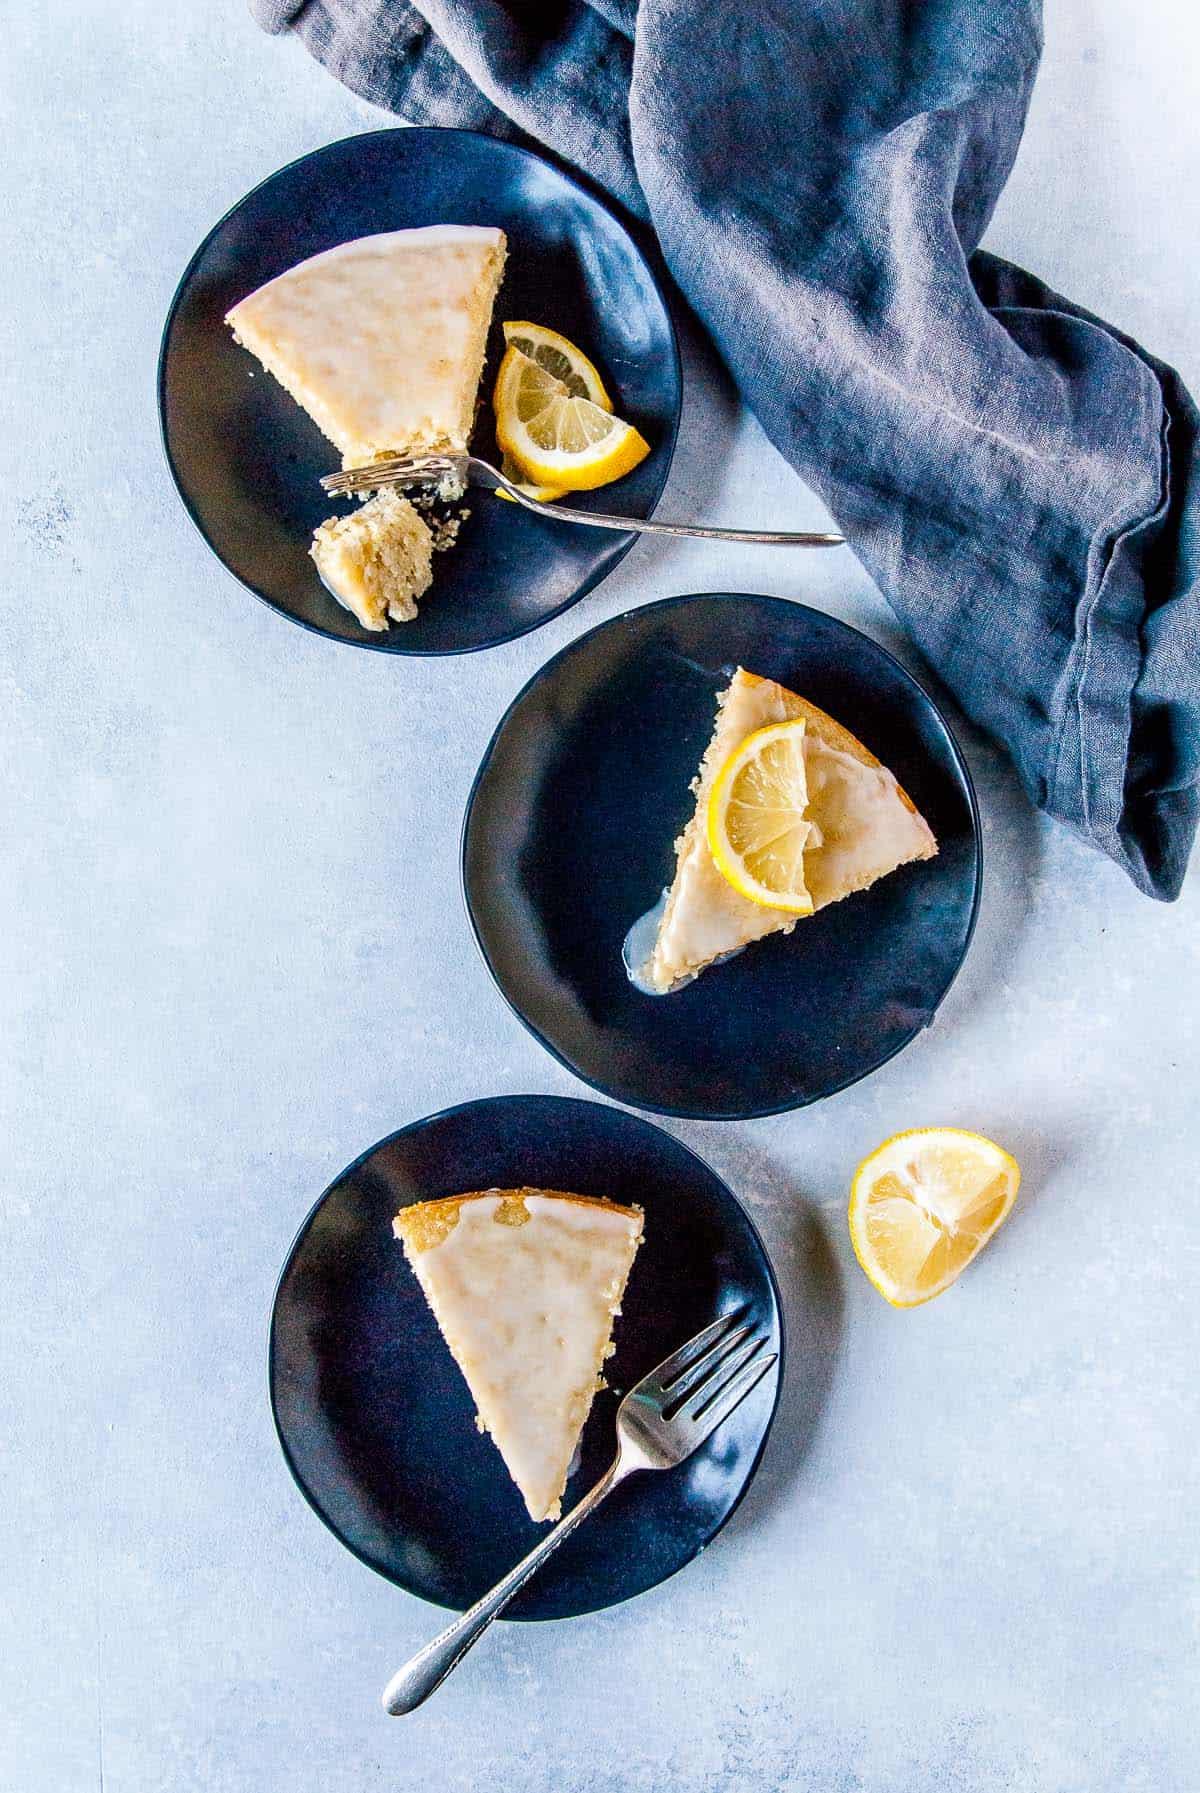 slices of vegan lemon cake on plates